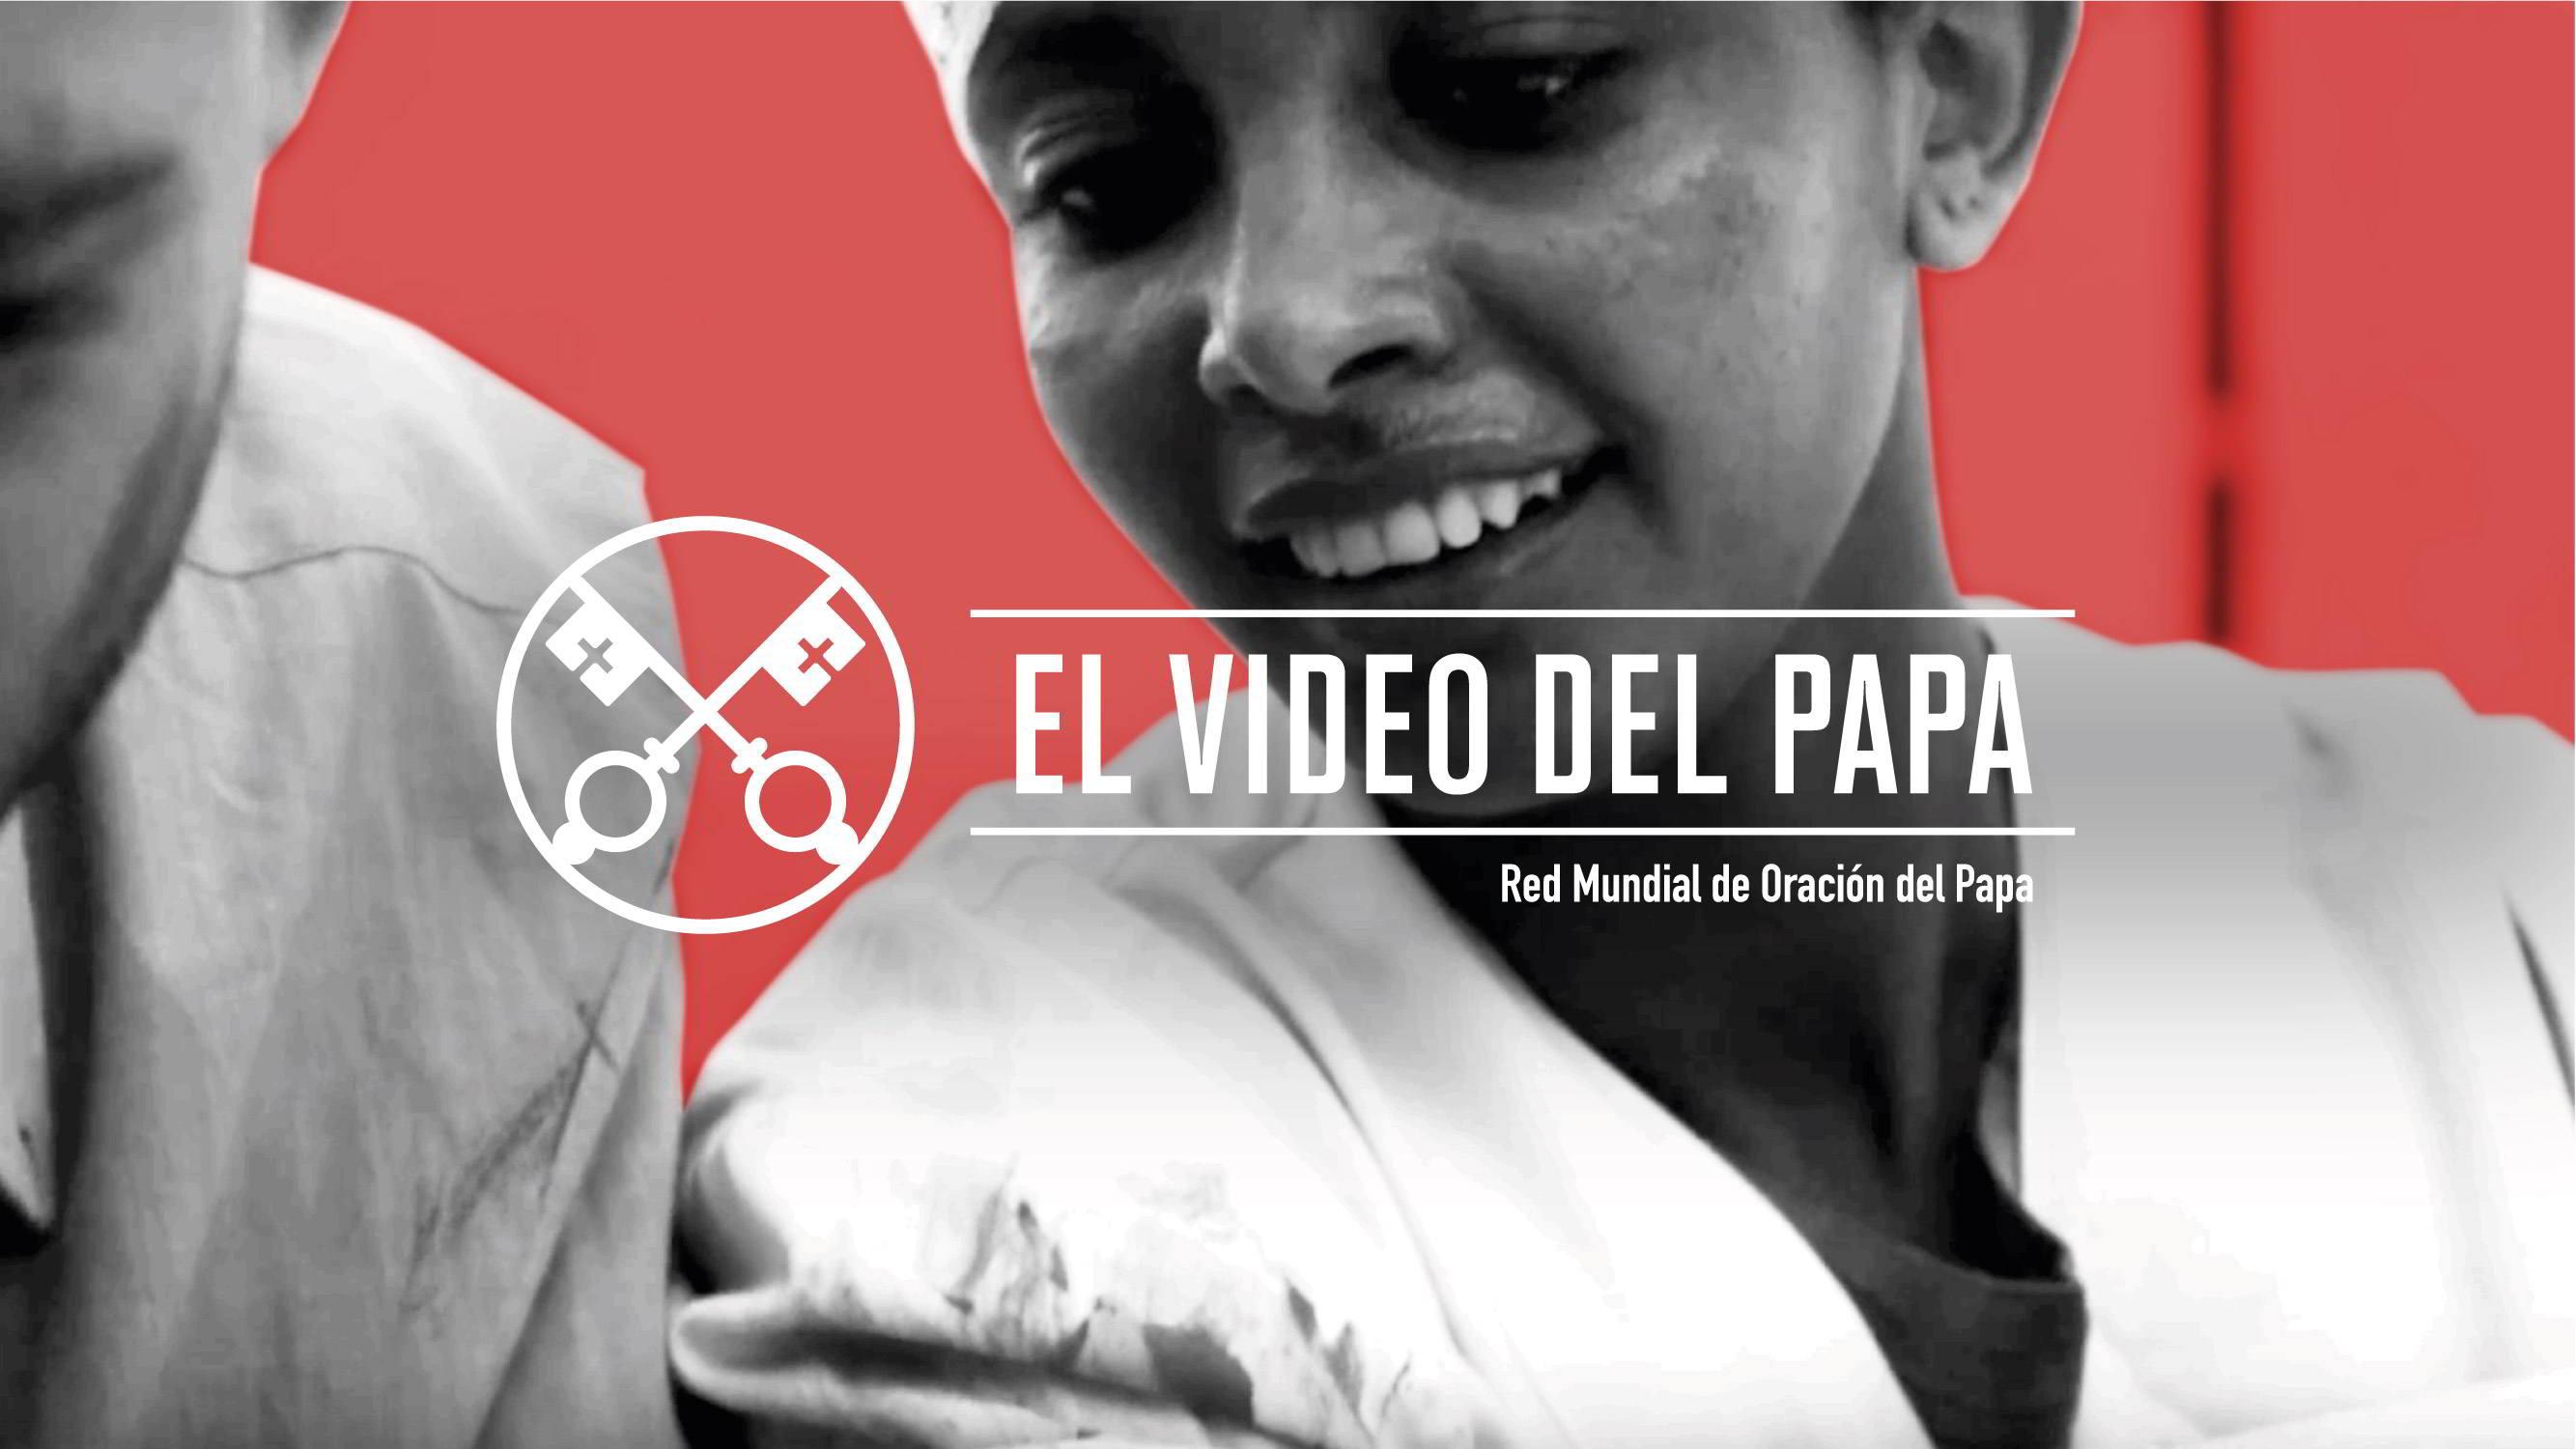 Official-Image-TPV-4-2019-2-ES-Medicos-en-zonas-de-guerra